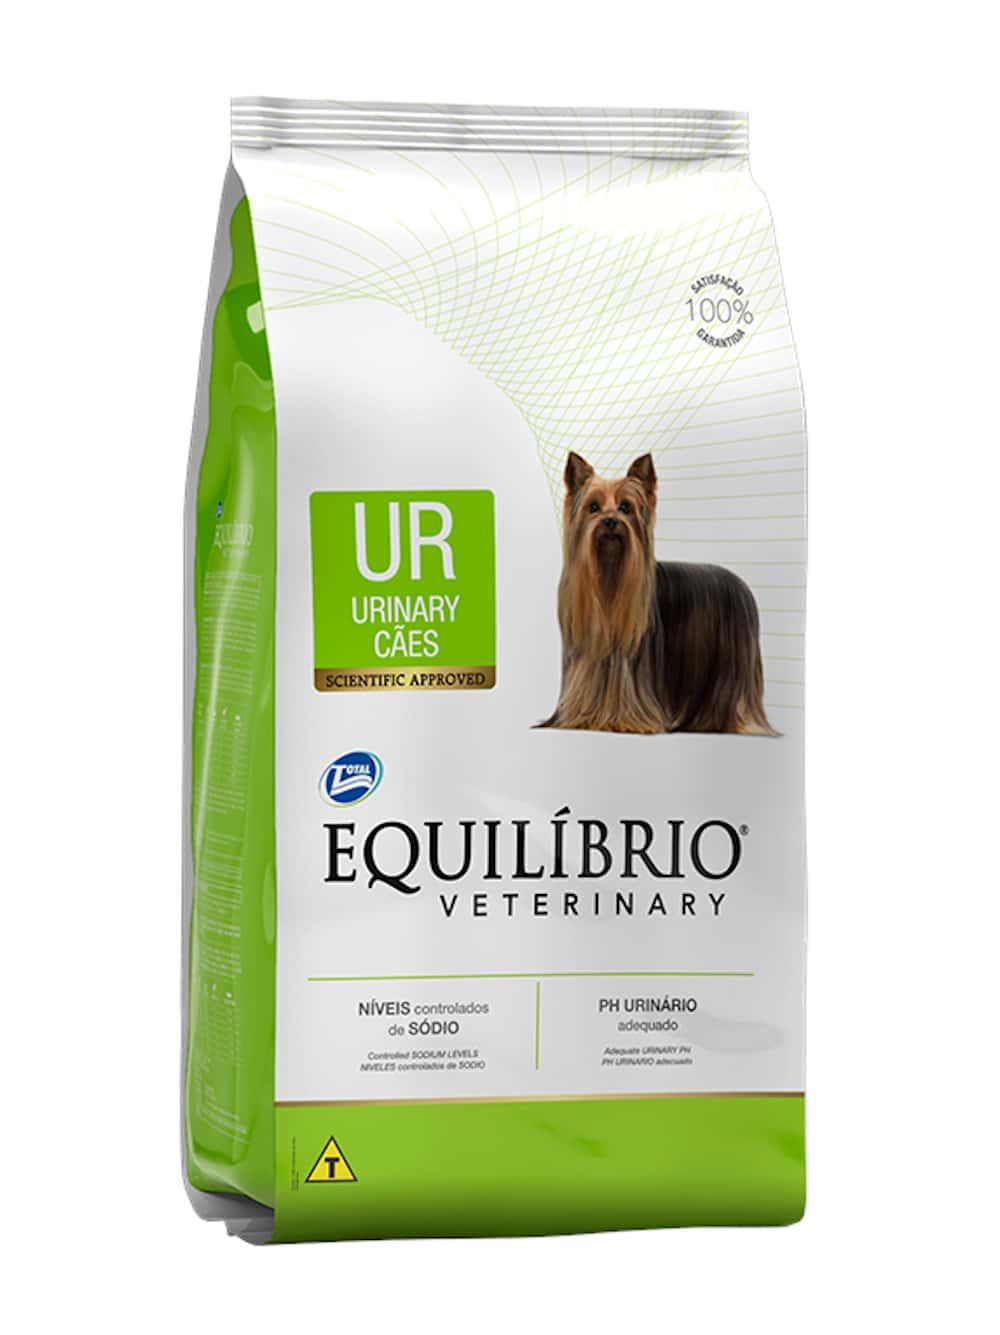 Equilibrio Urinary Ur Dog Food 2kg Aycardo Veterinary Center Inc